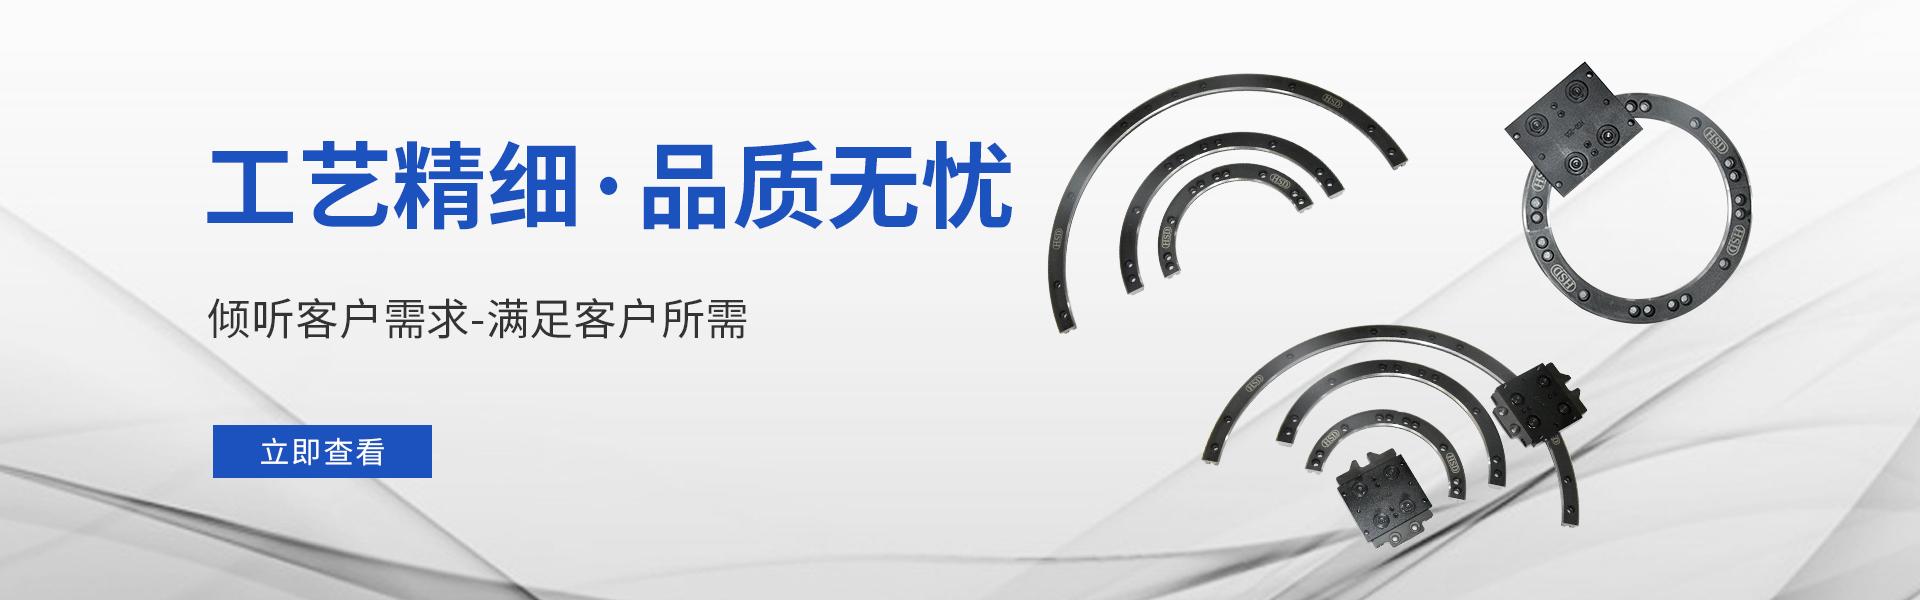 环形导轨生产厂家直销-圆弧轨道导轨